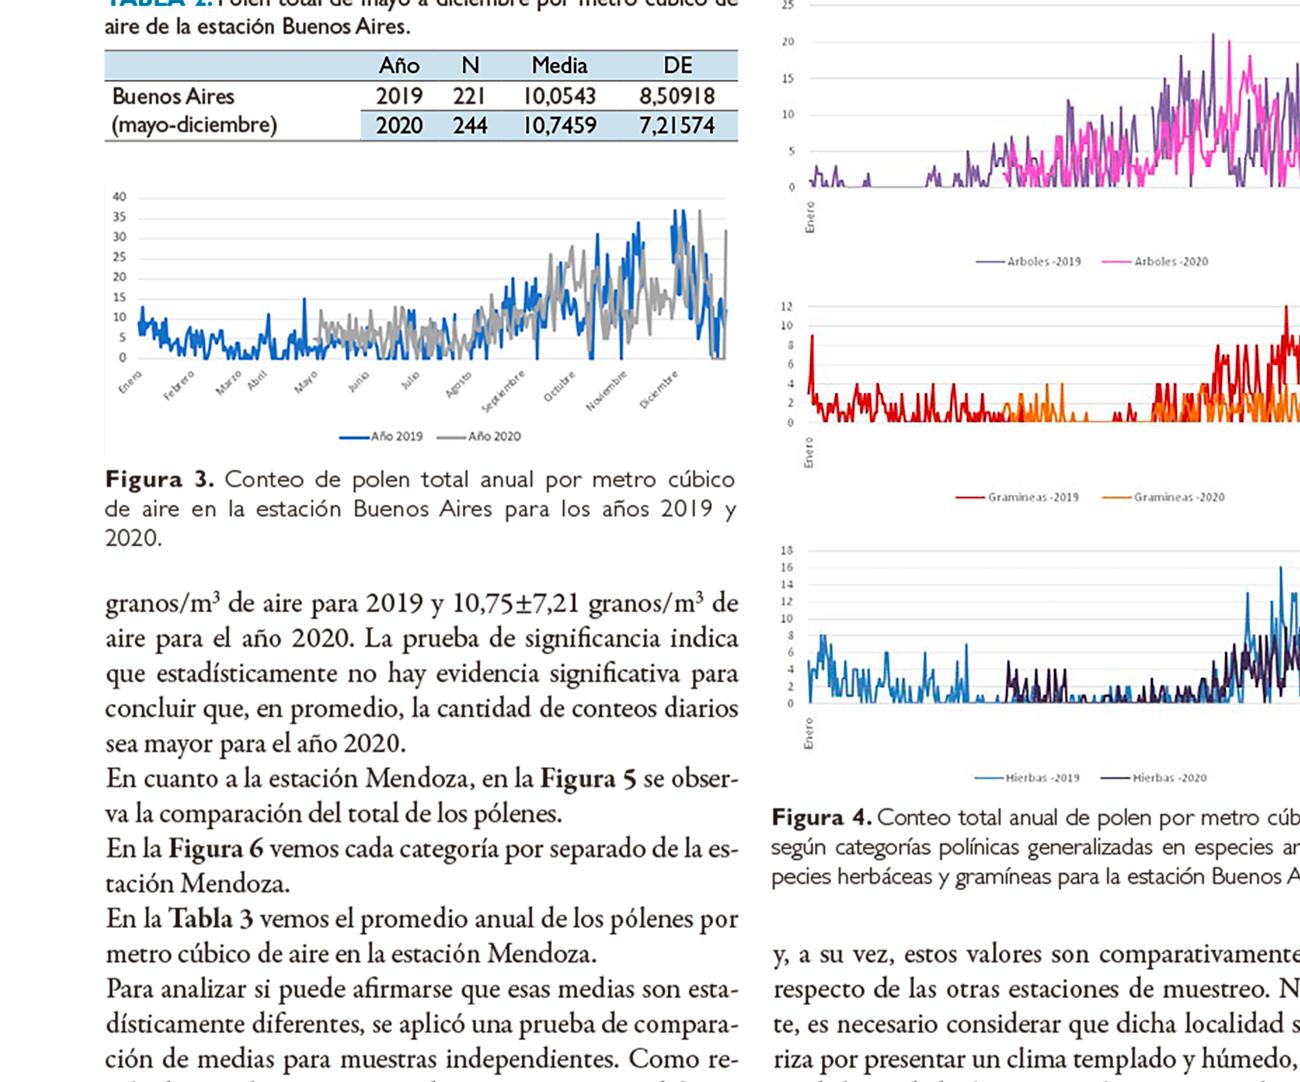 Comparación del conteo de pólenes durante los años 2019- 2020, estaciones de Bariloche, Buenos Aires y Mendoza